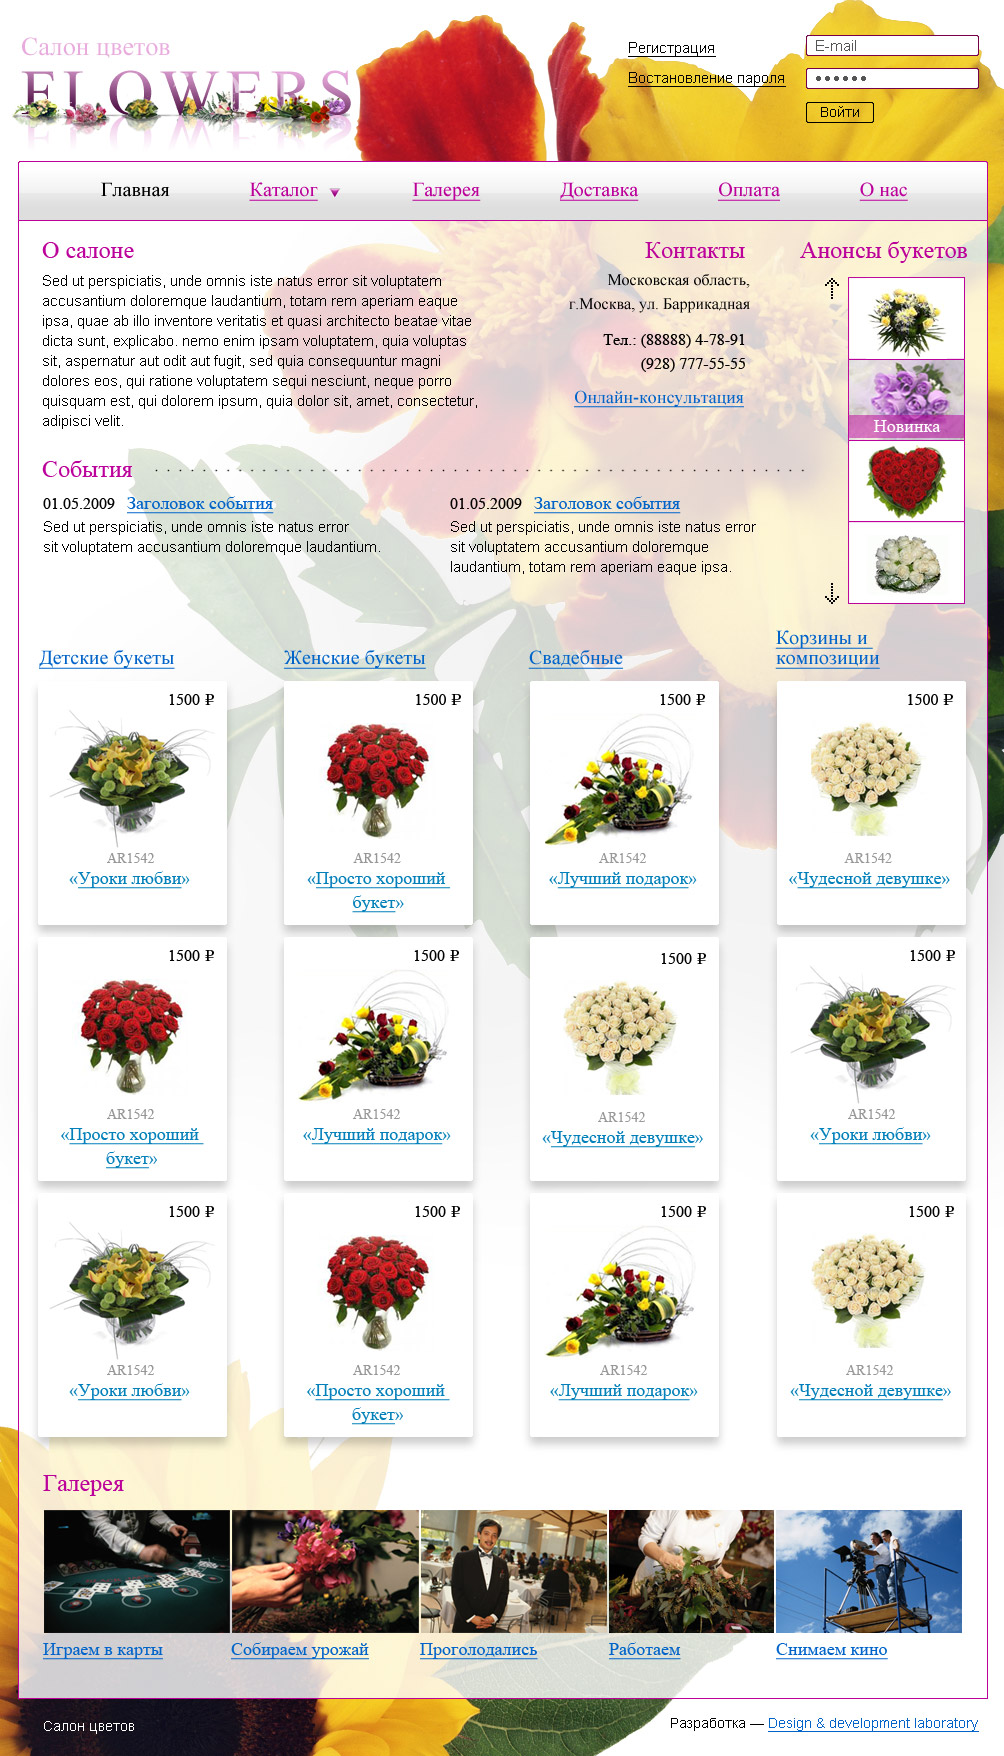 Шикарный дизайн сайта цветов